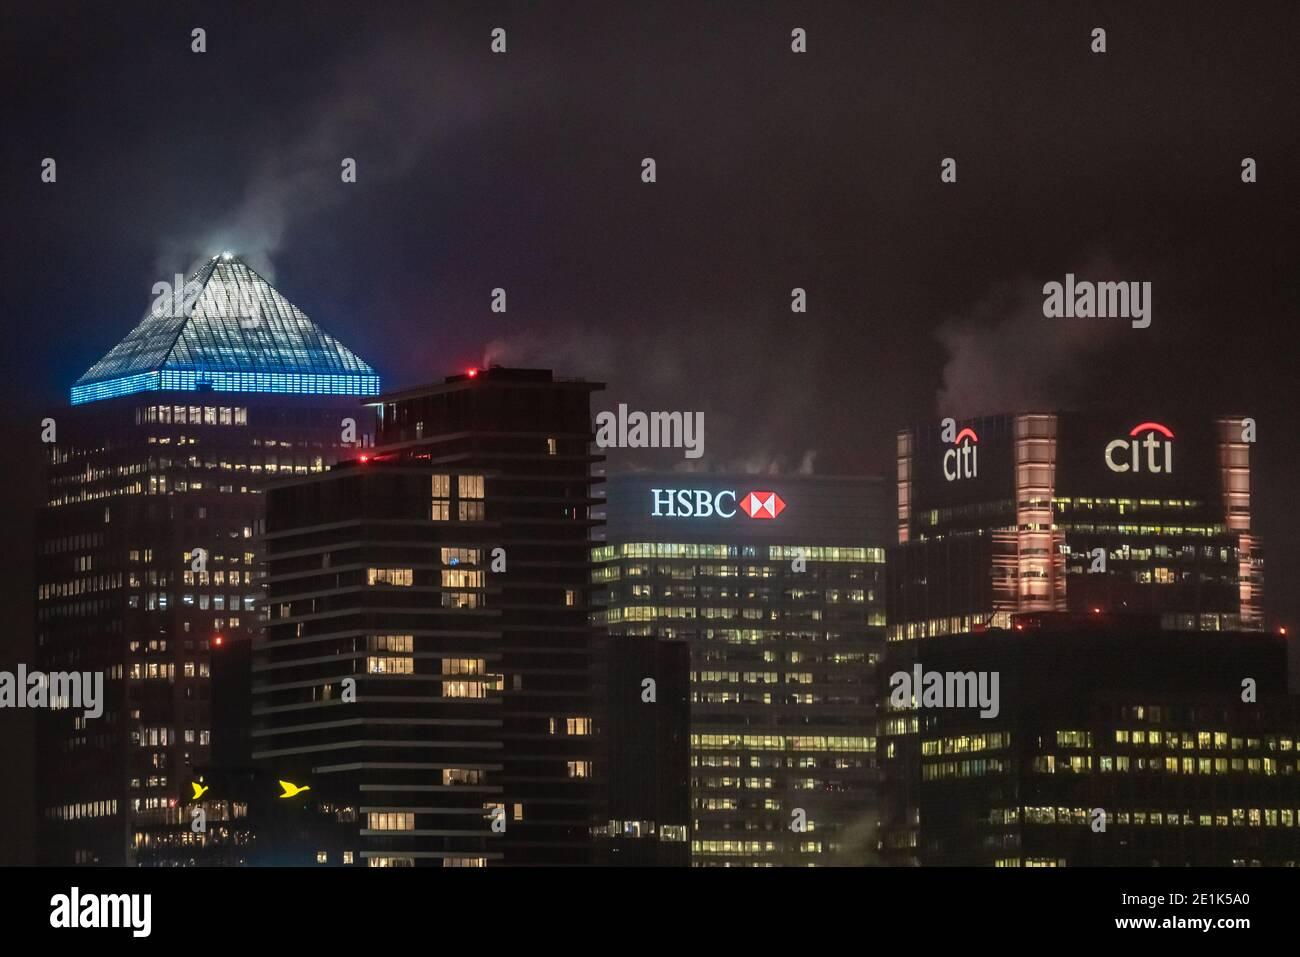 Londres, Royaume-Uni. 7 janvier 2021. Coronavirus: Ville Skyline Blue Light pour NHS. L'emblématique édifice One Canada Square de Canary Wharf illumine le bleu en hommage aux « héros » du NHS, notamment des médecins, des infirmières, des femmes de ménage et d'autres membres du personnel de santé en première ligne de la bataille contre le coronavirus lors du troisième confinement. Credit: Guy Corbishley/Alamy Live News Banque D'Images